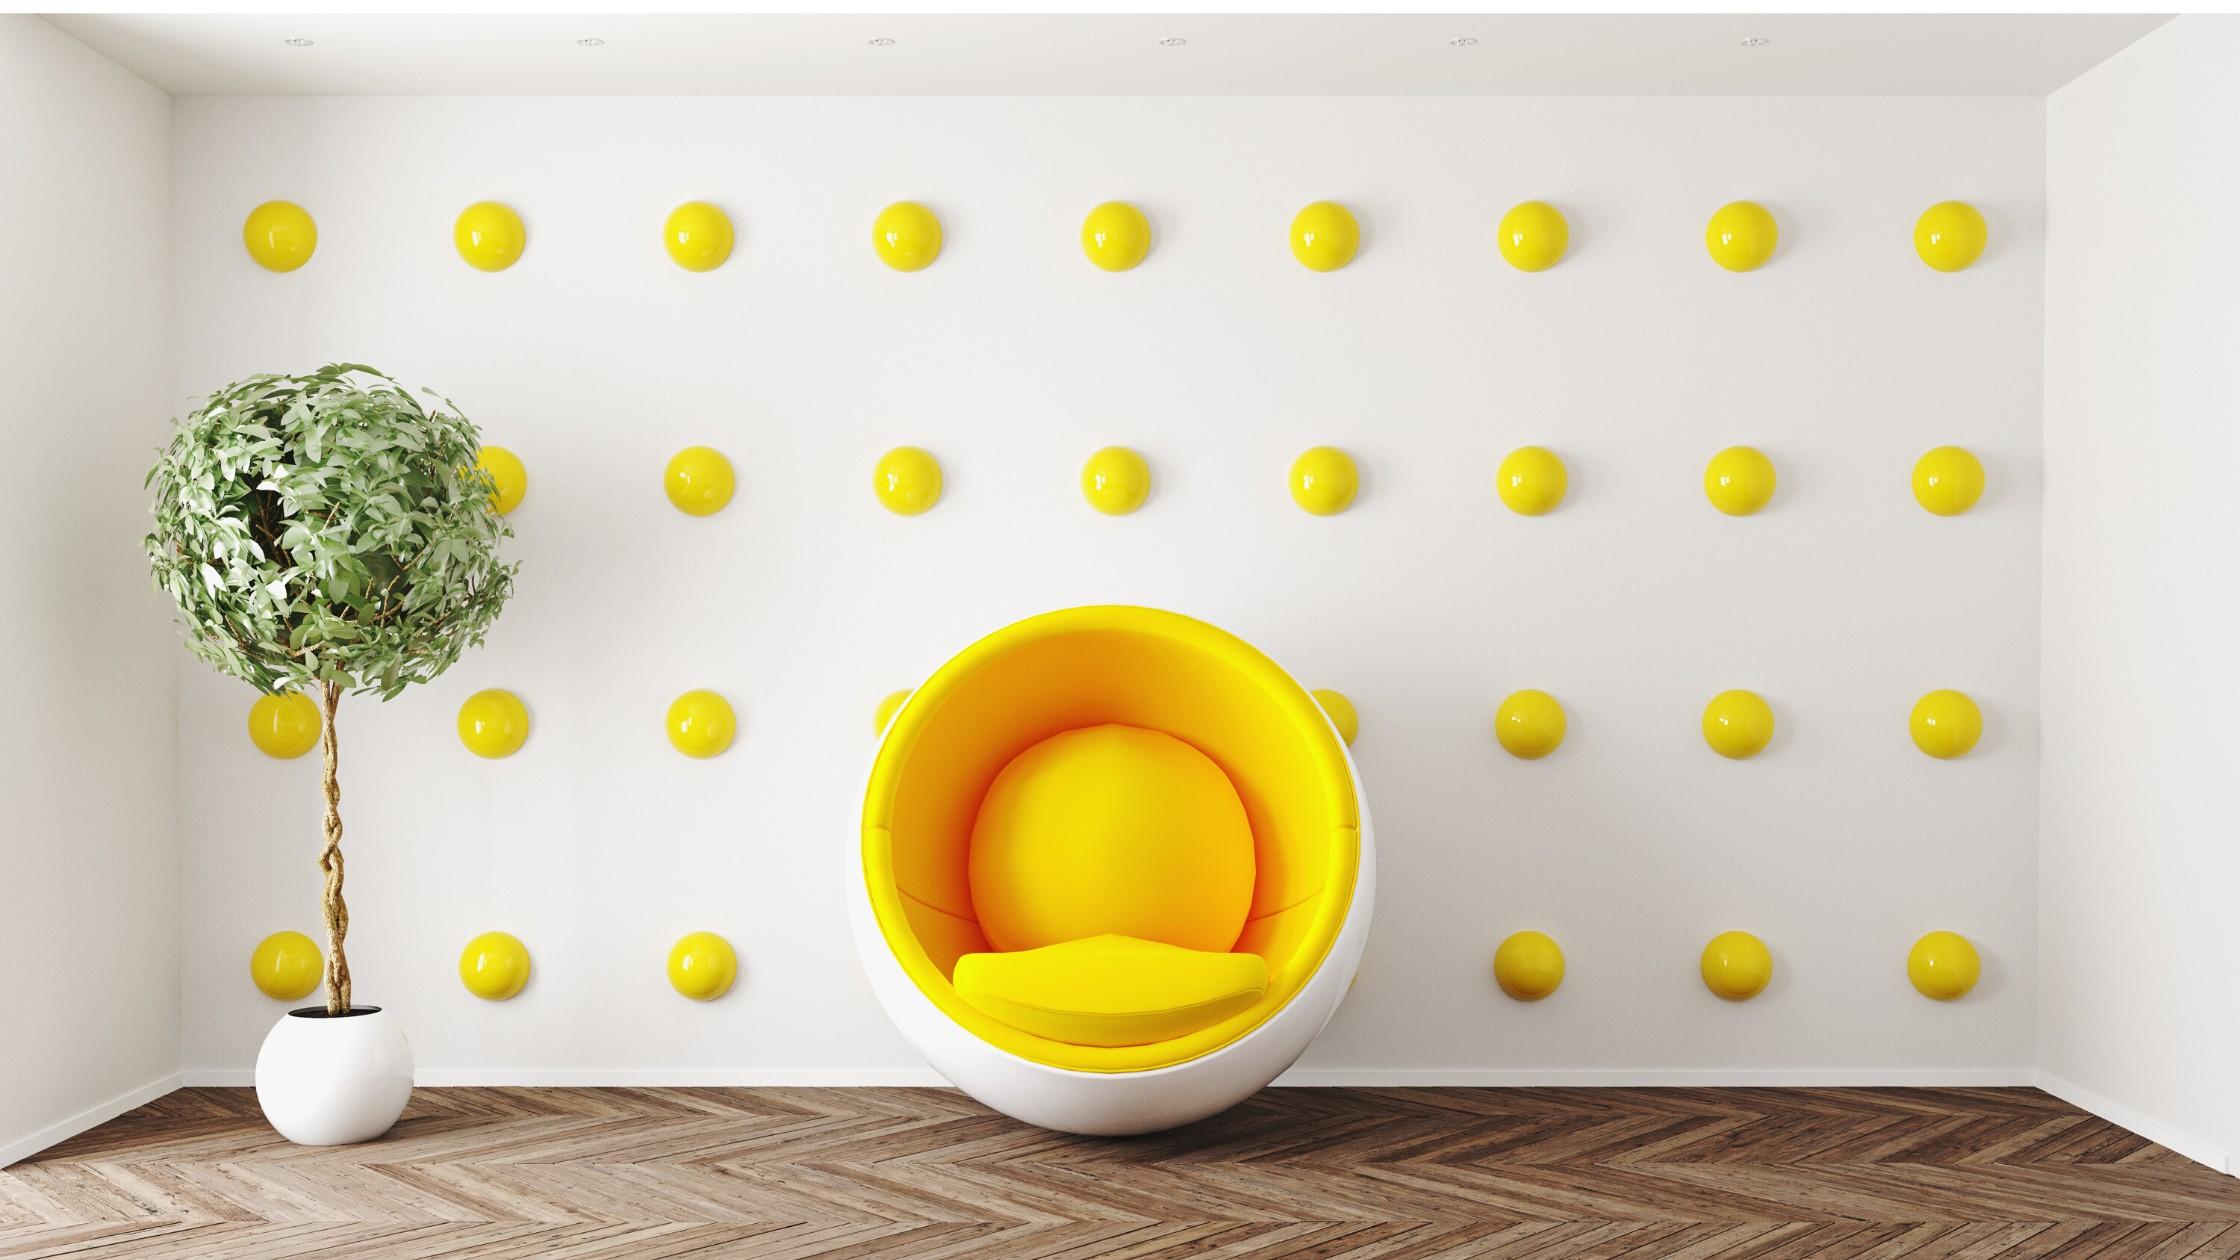 Yellow + White Decor & Design.